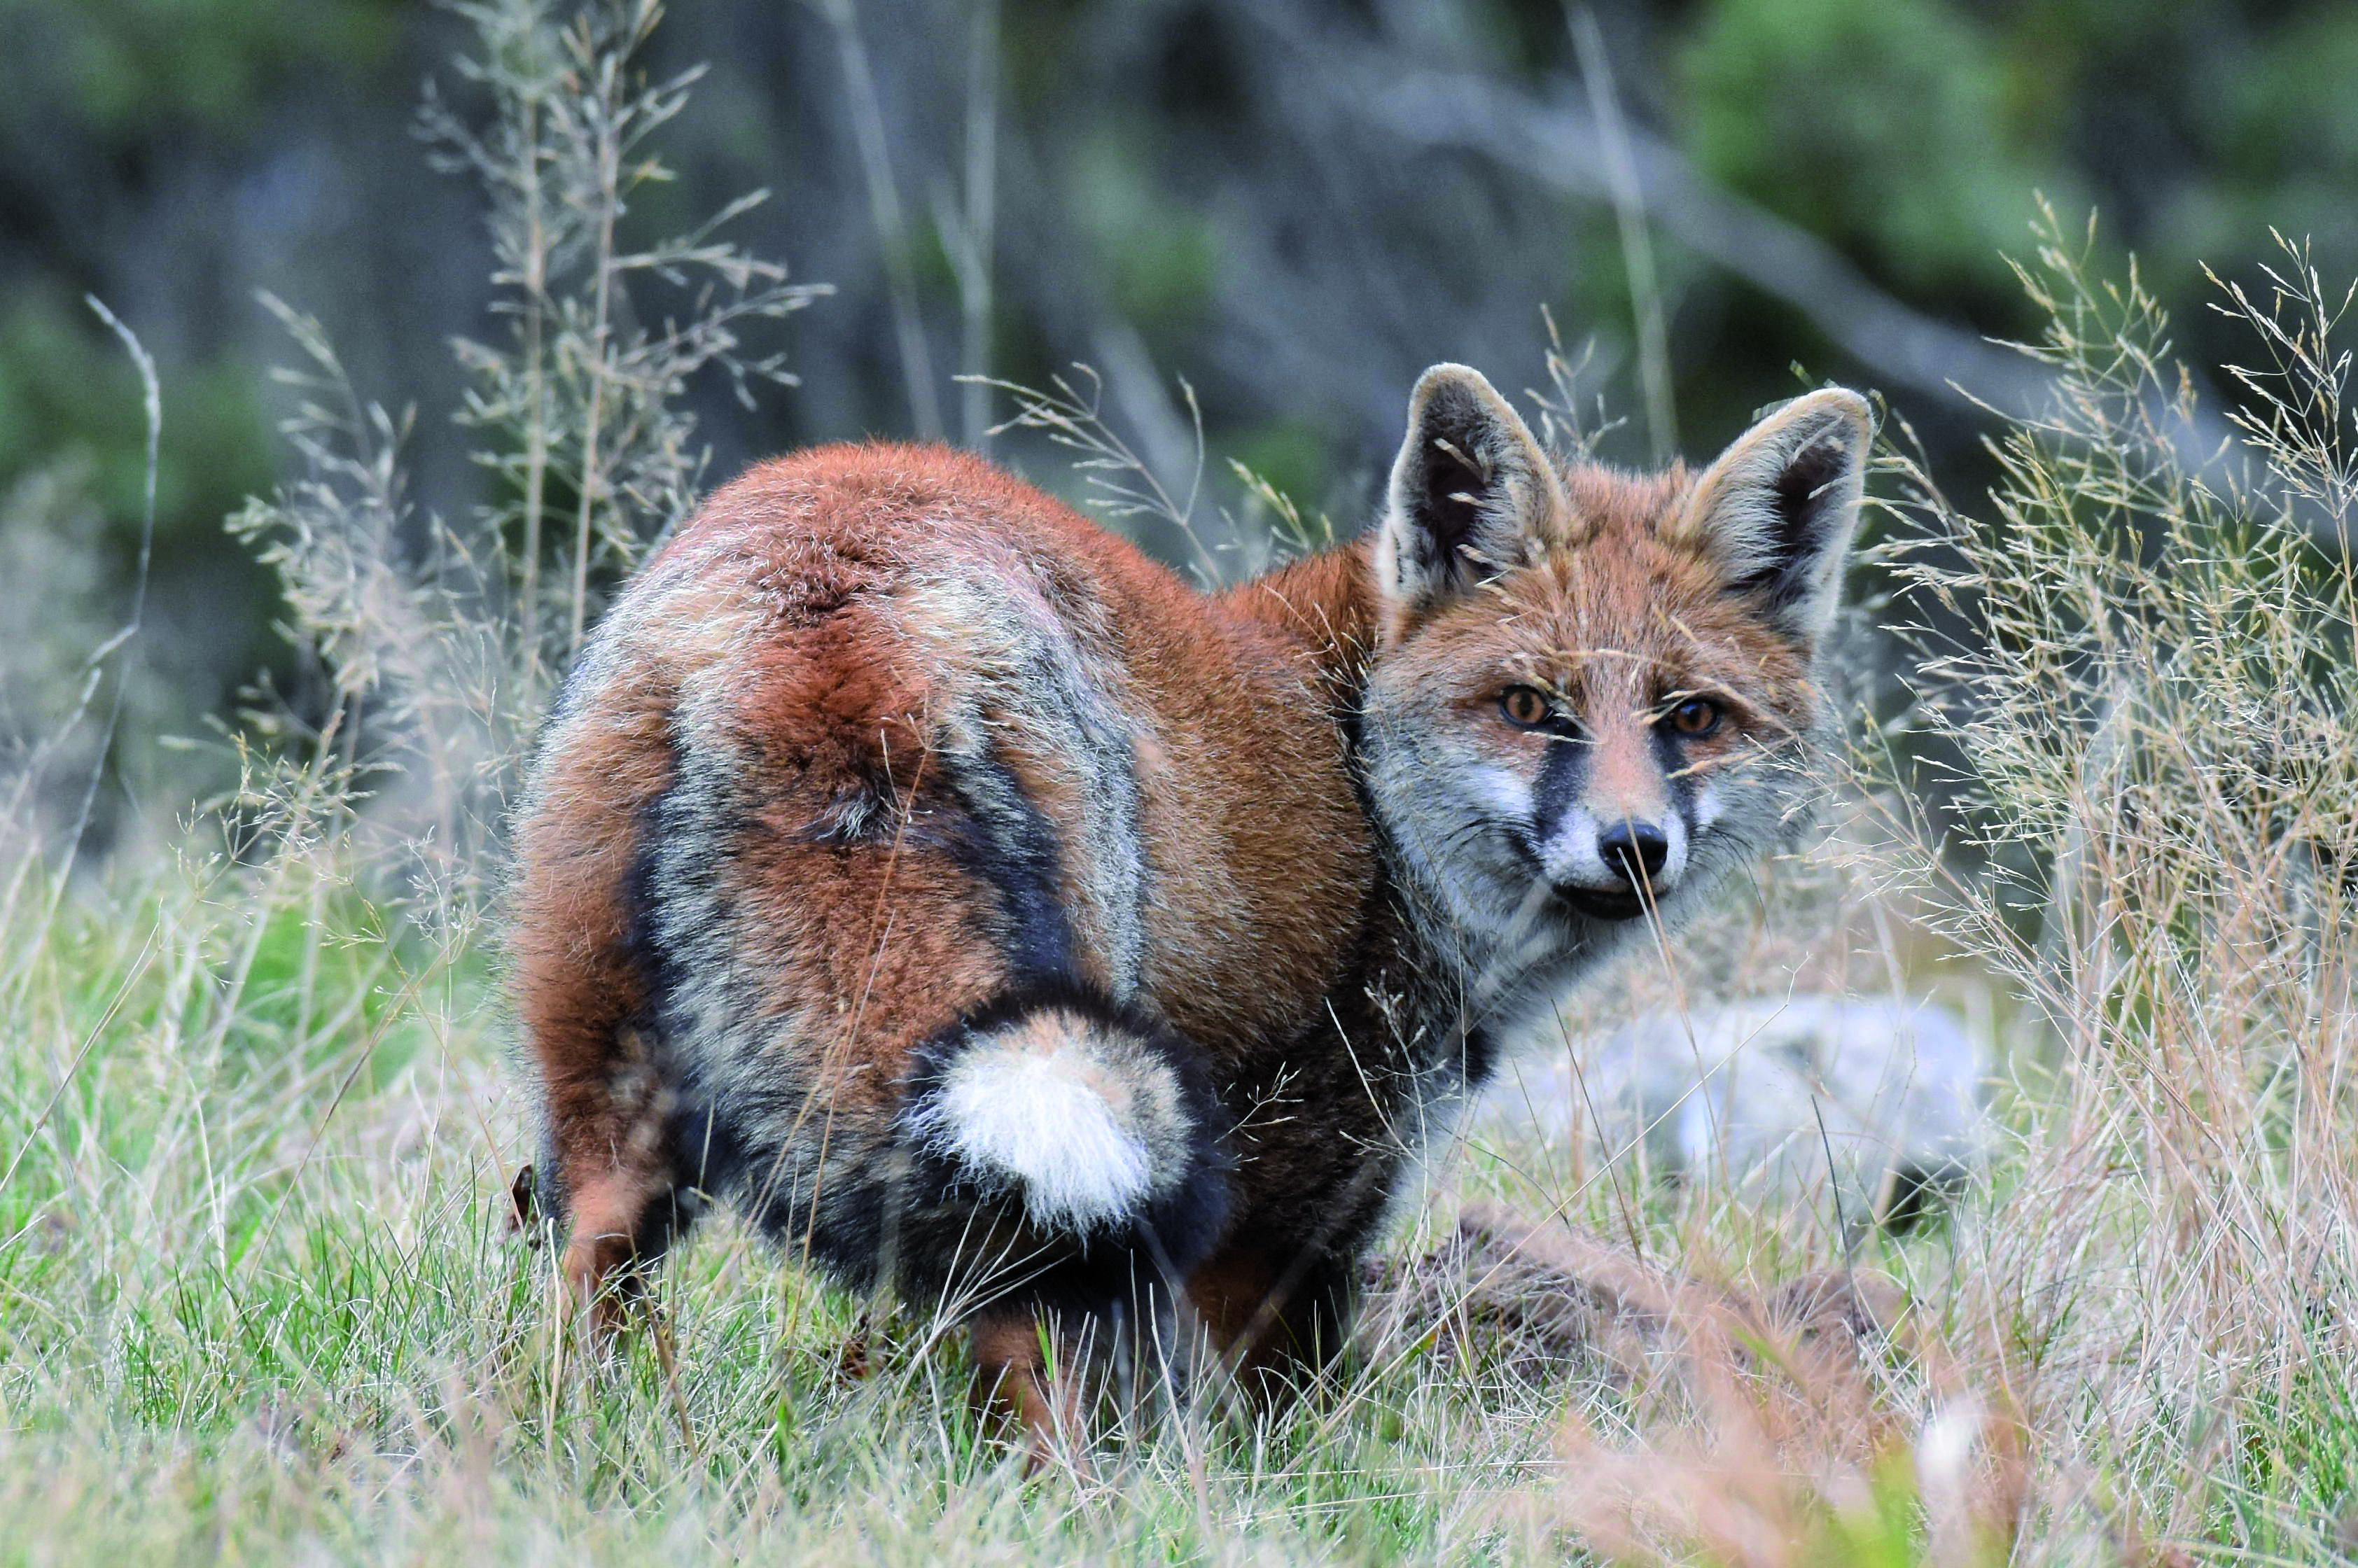 16-renard-aux-poils-roux-noirs-et-cremes-bien-visibles-benoit-lott